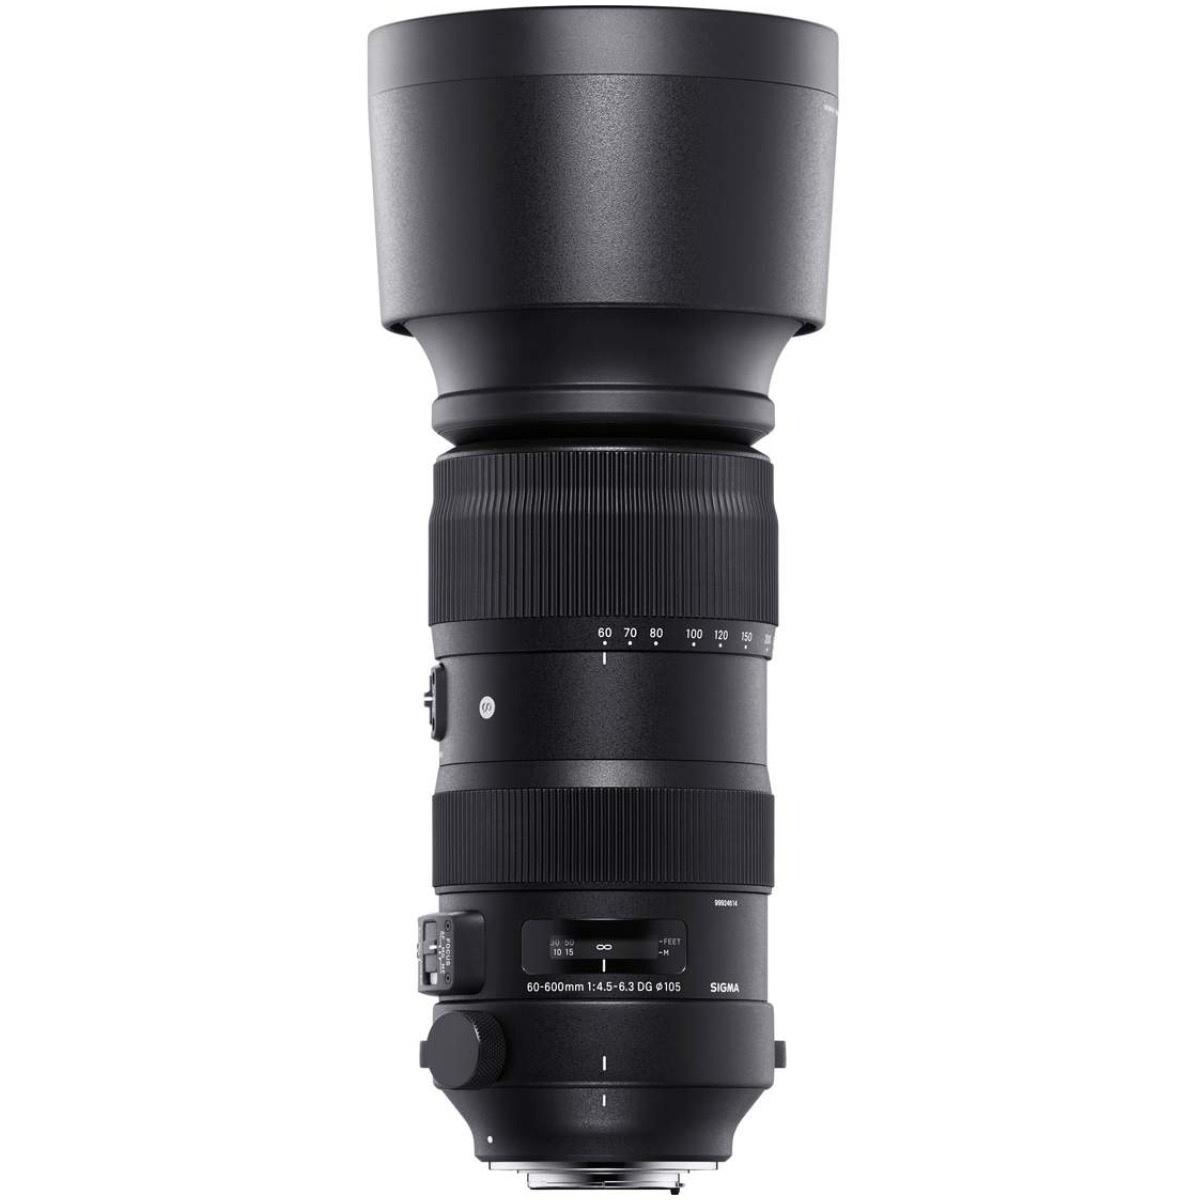 Sigma 60-600 mm 1:4,5-6,3 DG OS HSM (S) FX